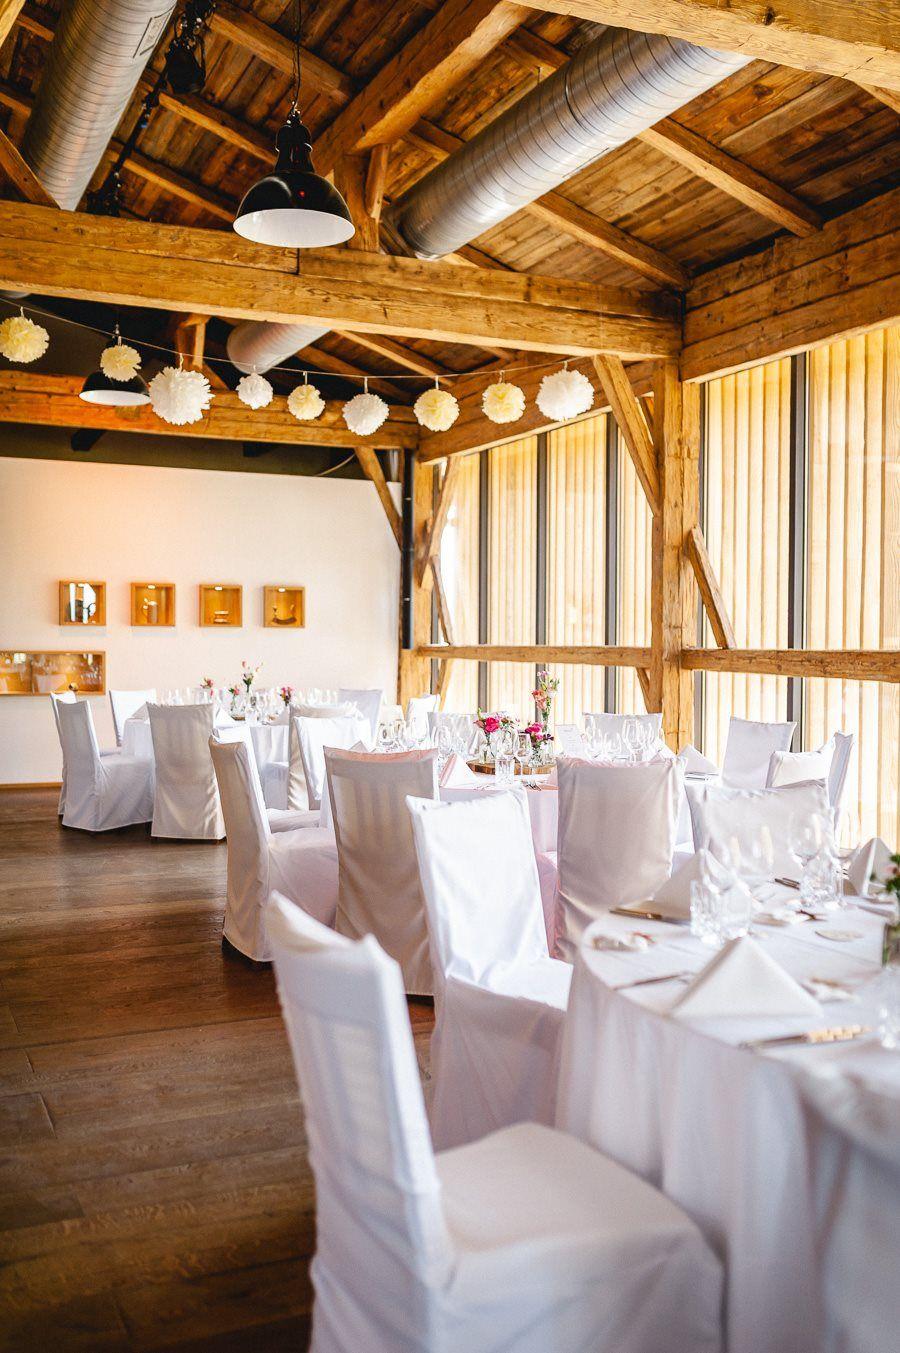 Hochzeitslocations Chiemsee Chiemgau Lkr Rosenheim Traunstein Hochzeitslocation Traunstein Chiemgau